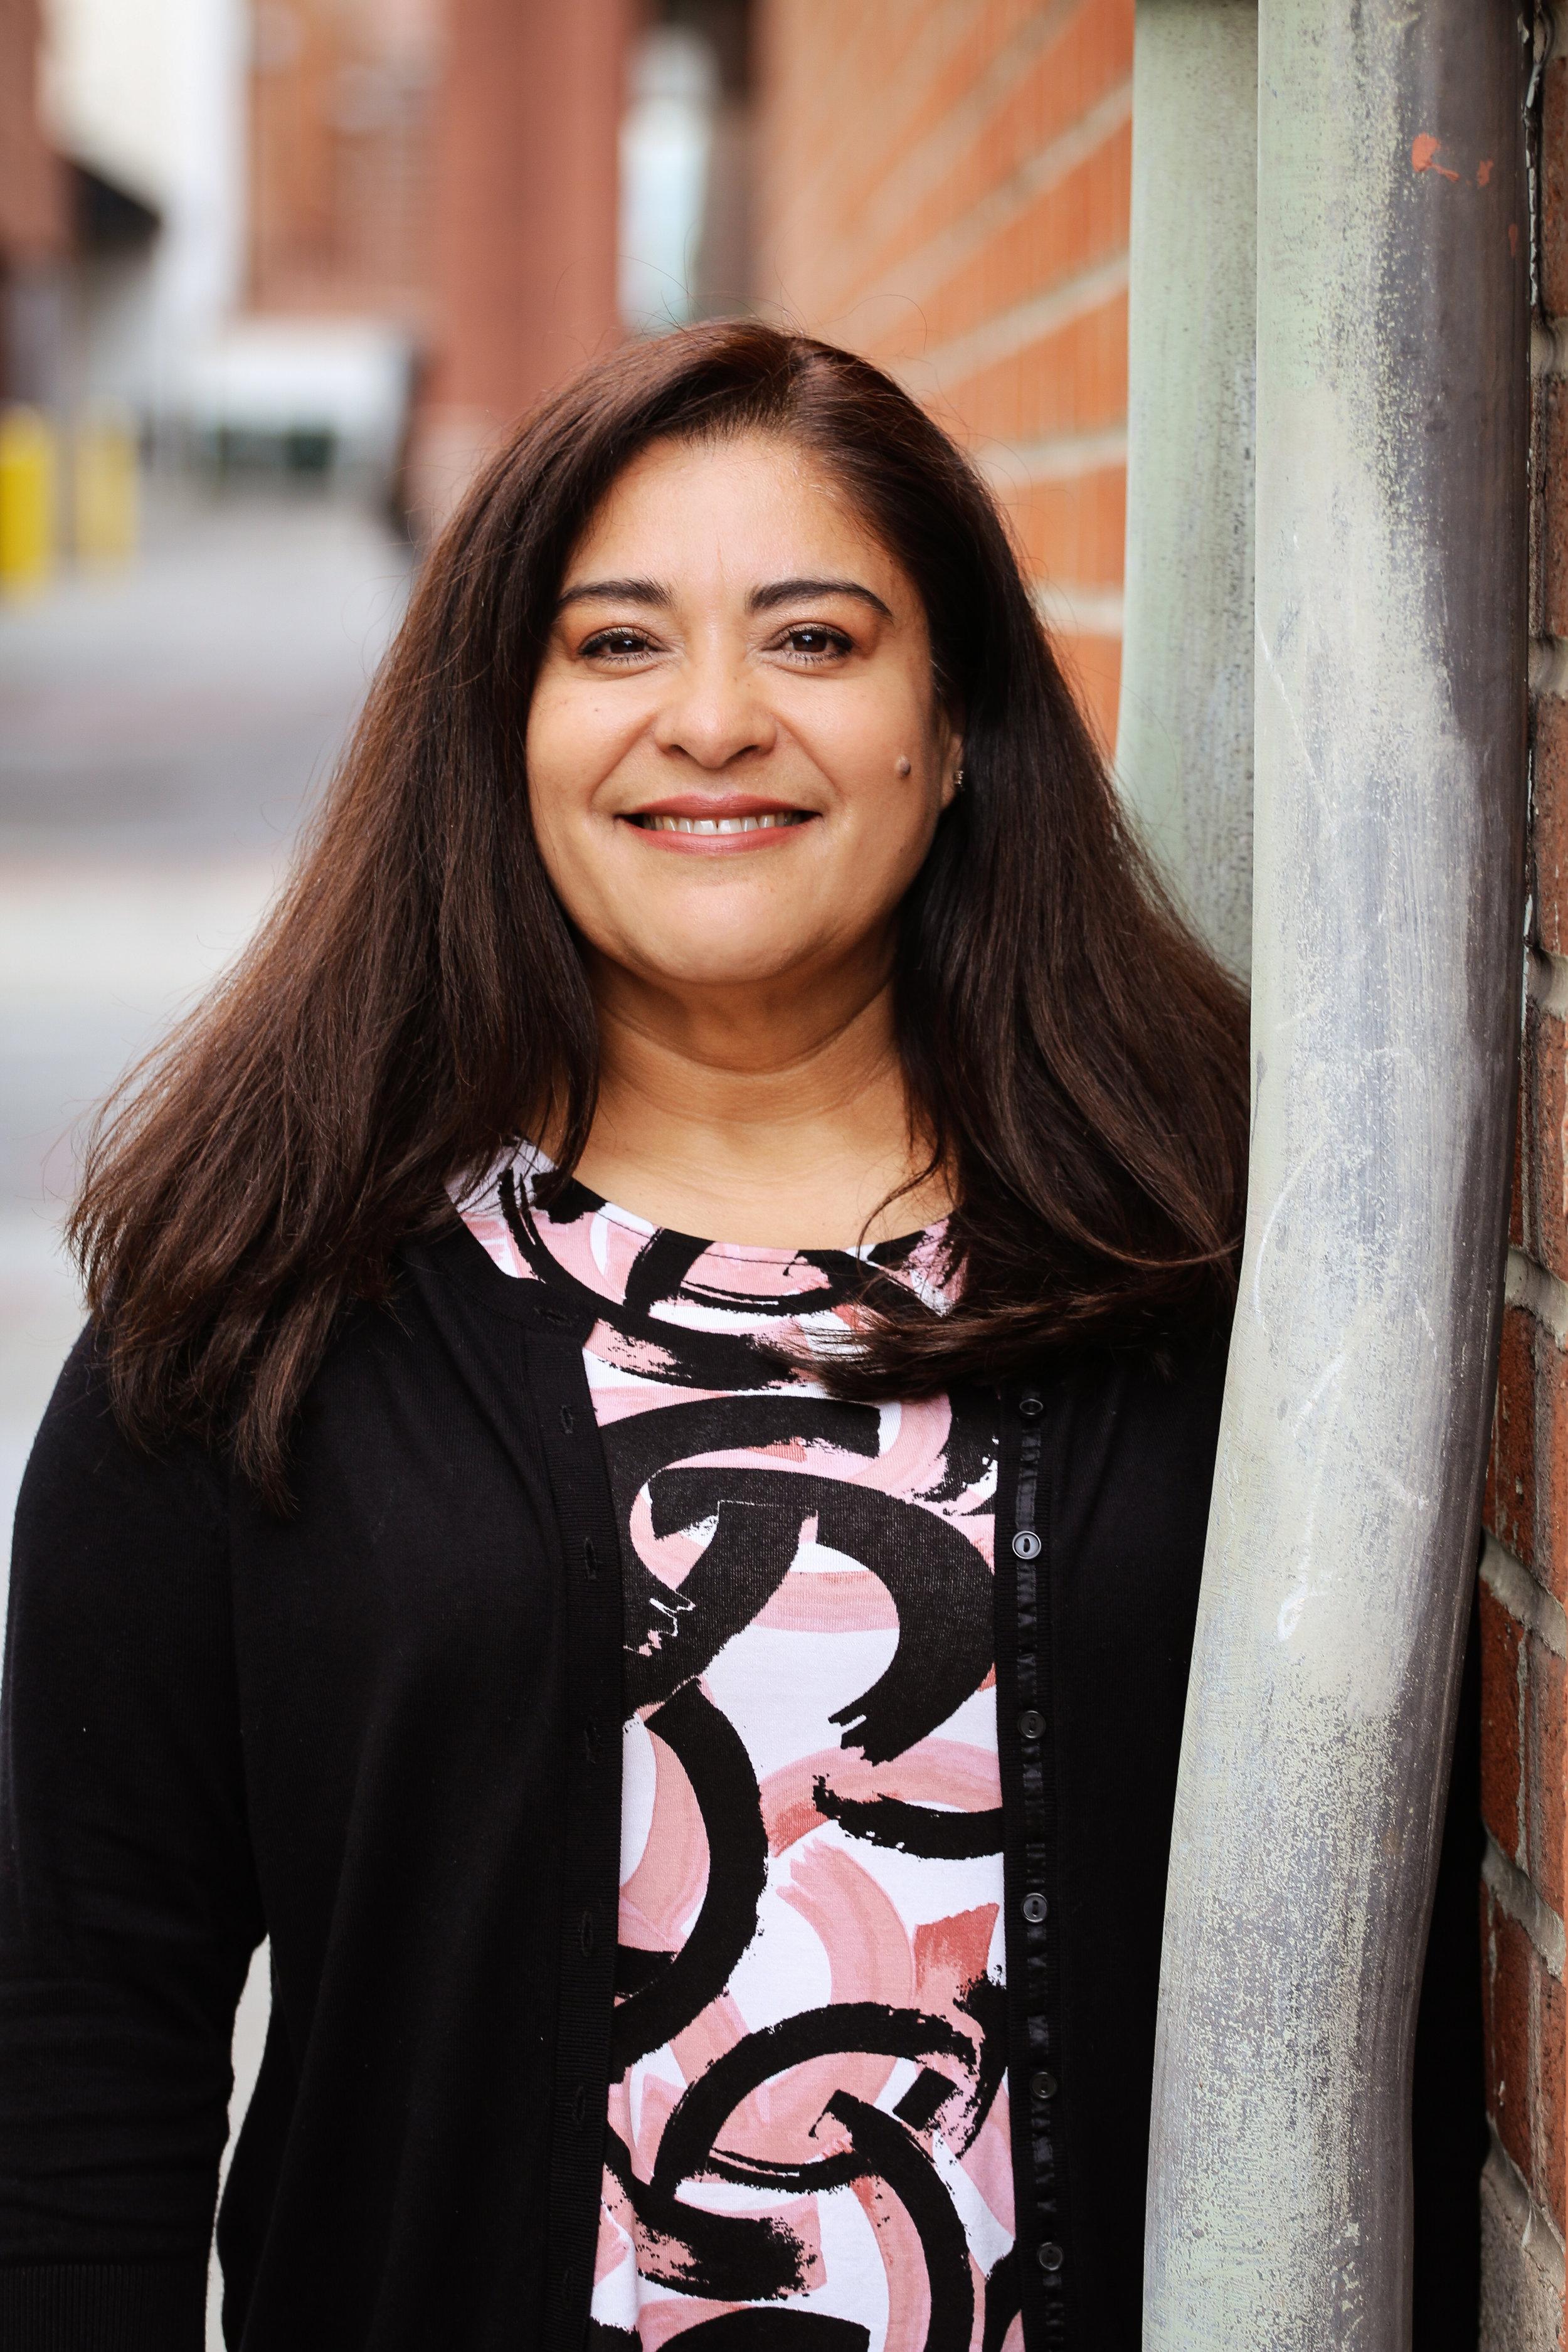 Norma Ramirez - WOMEN'S WALKING IN FREEDOM CO-LEADER